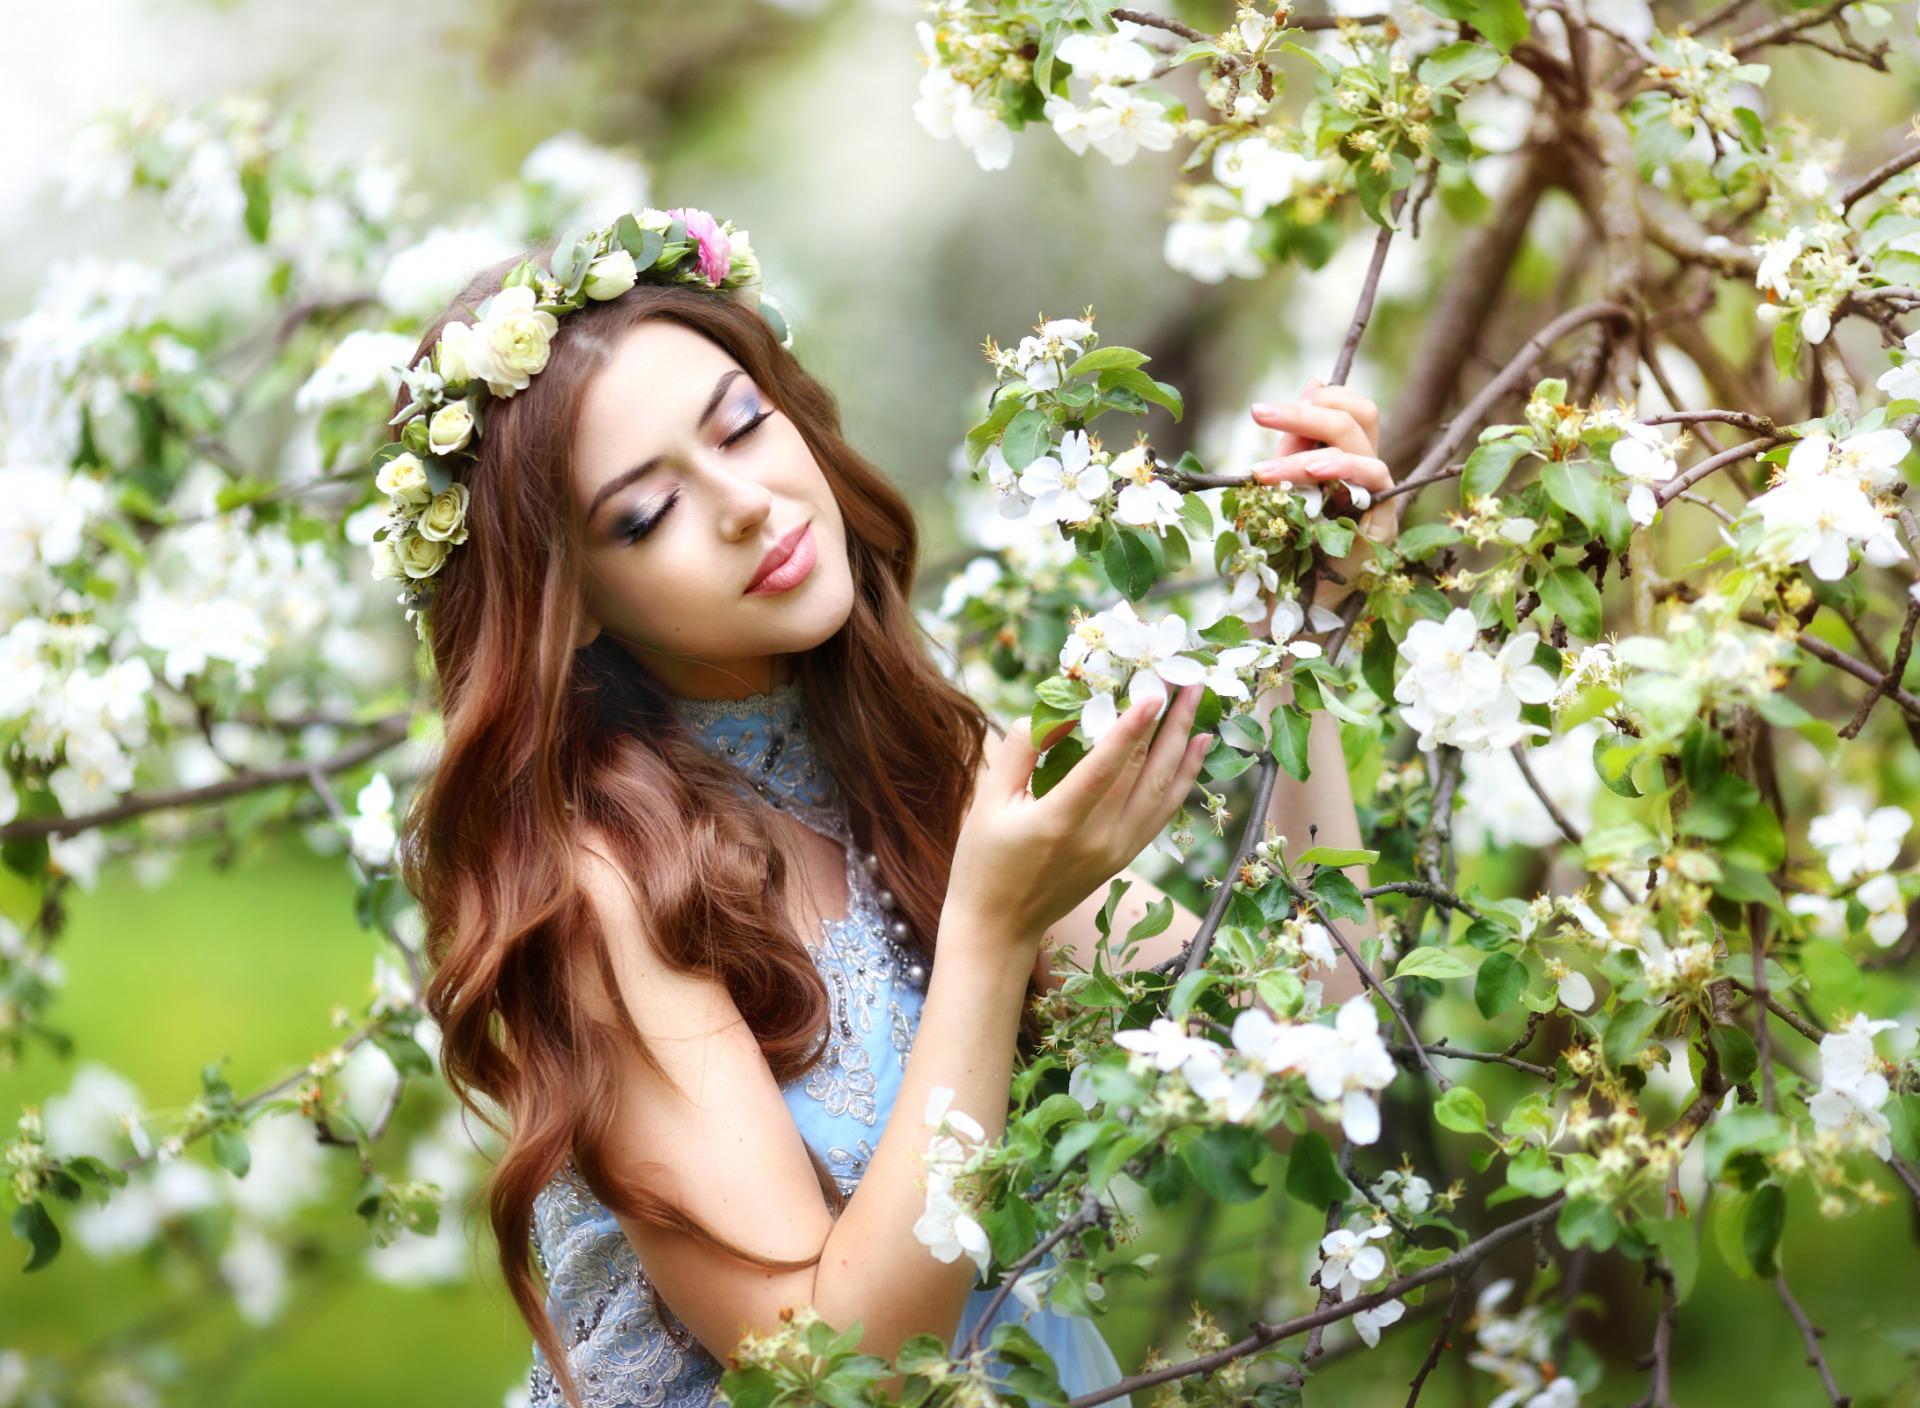 Весна для девушки картинки